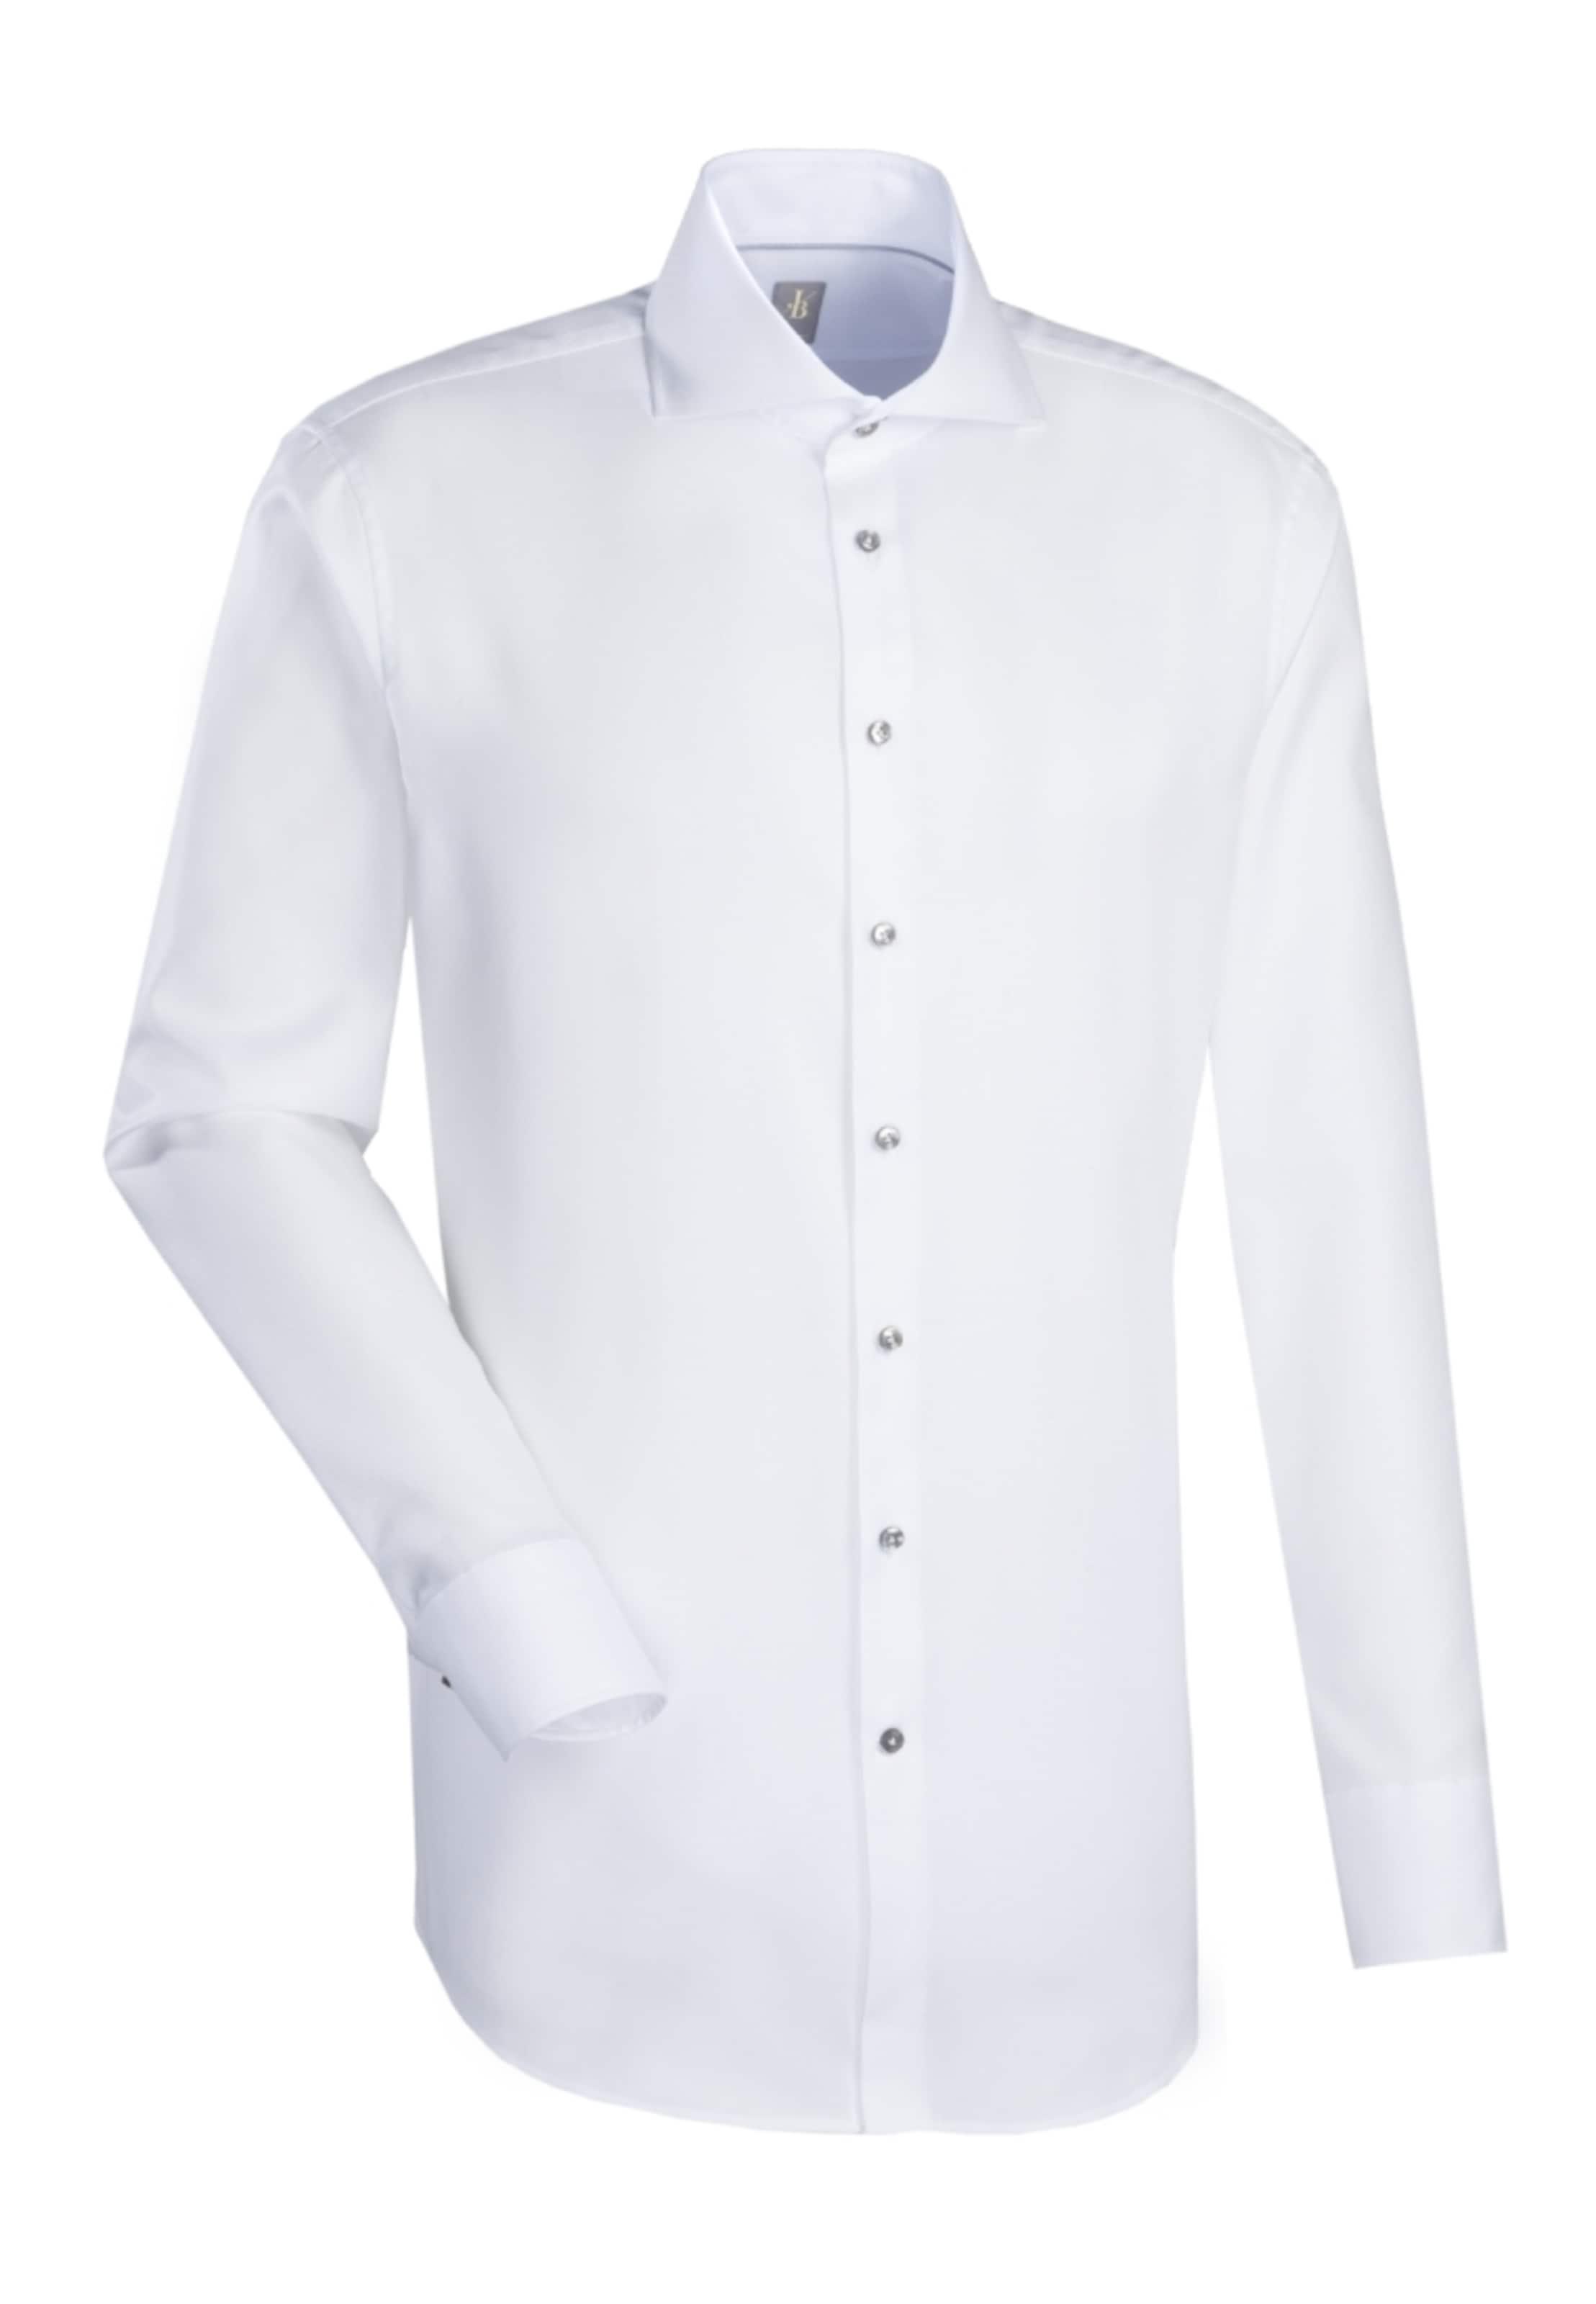 Jacques Britt City-Hemd ' Slim Fit ' Ausgang Wählen Eine Beste Bilder Im Internet Billig Verkauf Besuch Online-Verkauf Online FrlbAL